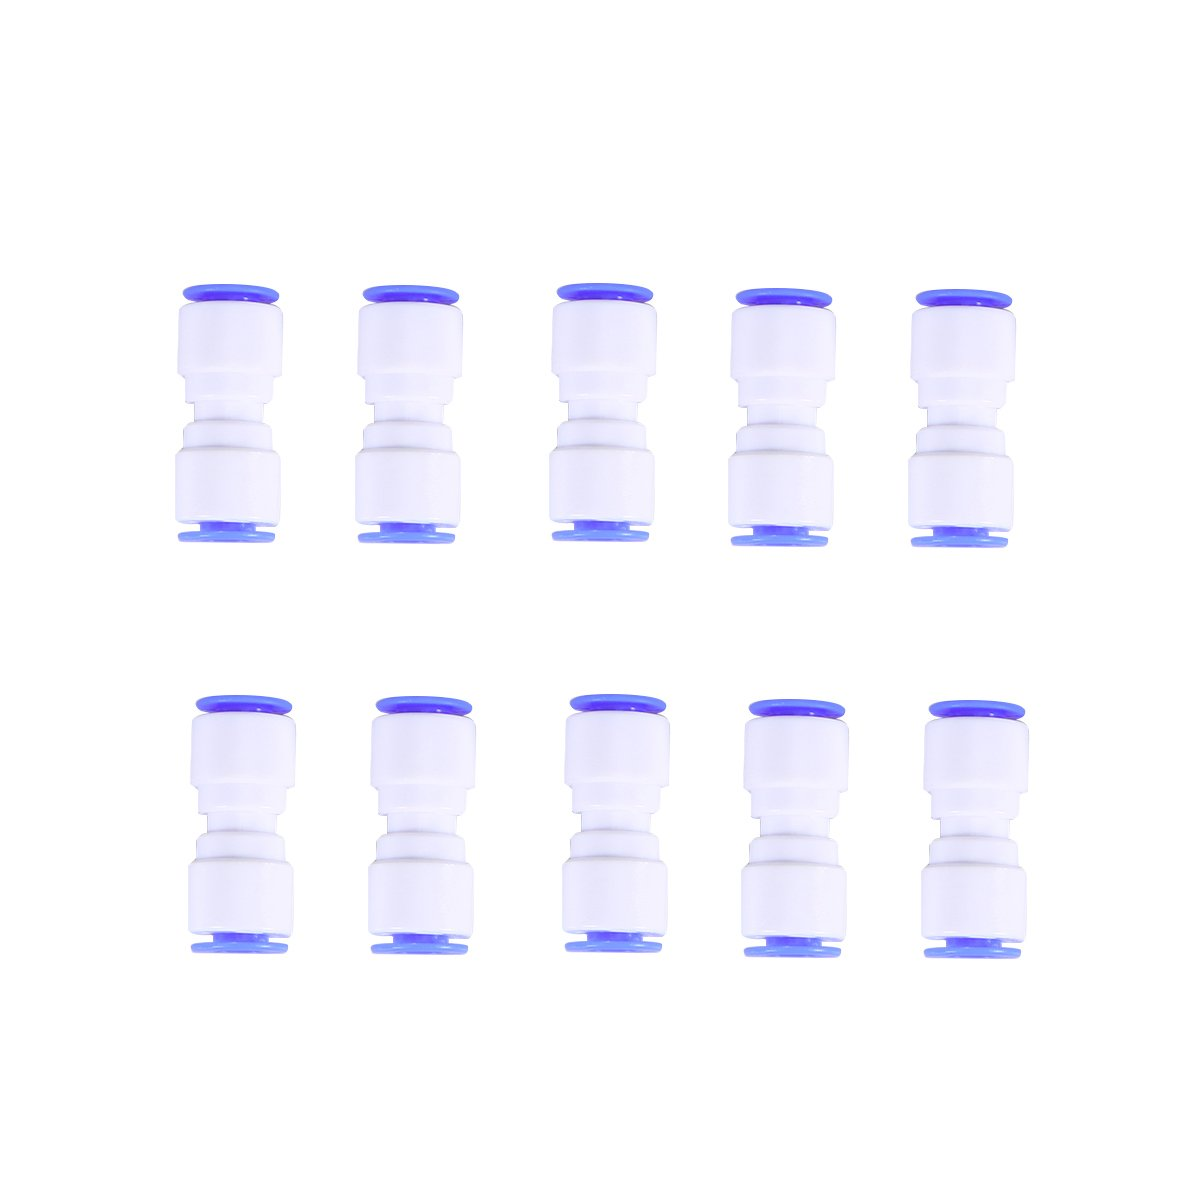 BESTOMZ RO Filtro acqua, Attacco rapido dritto a pressione da 1/4 di pollice per RO Filtro acqua 10 pezzi